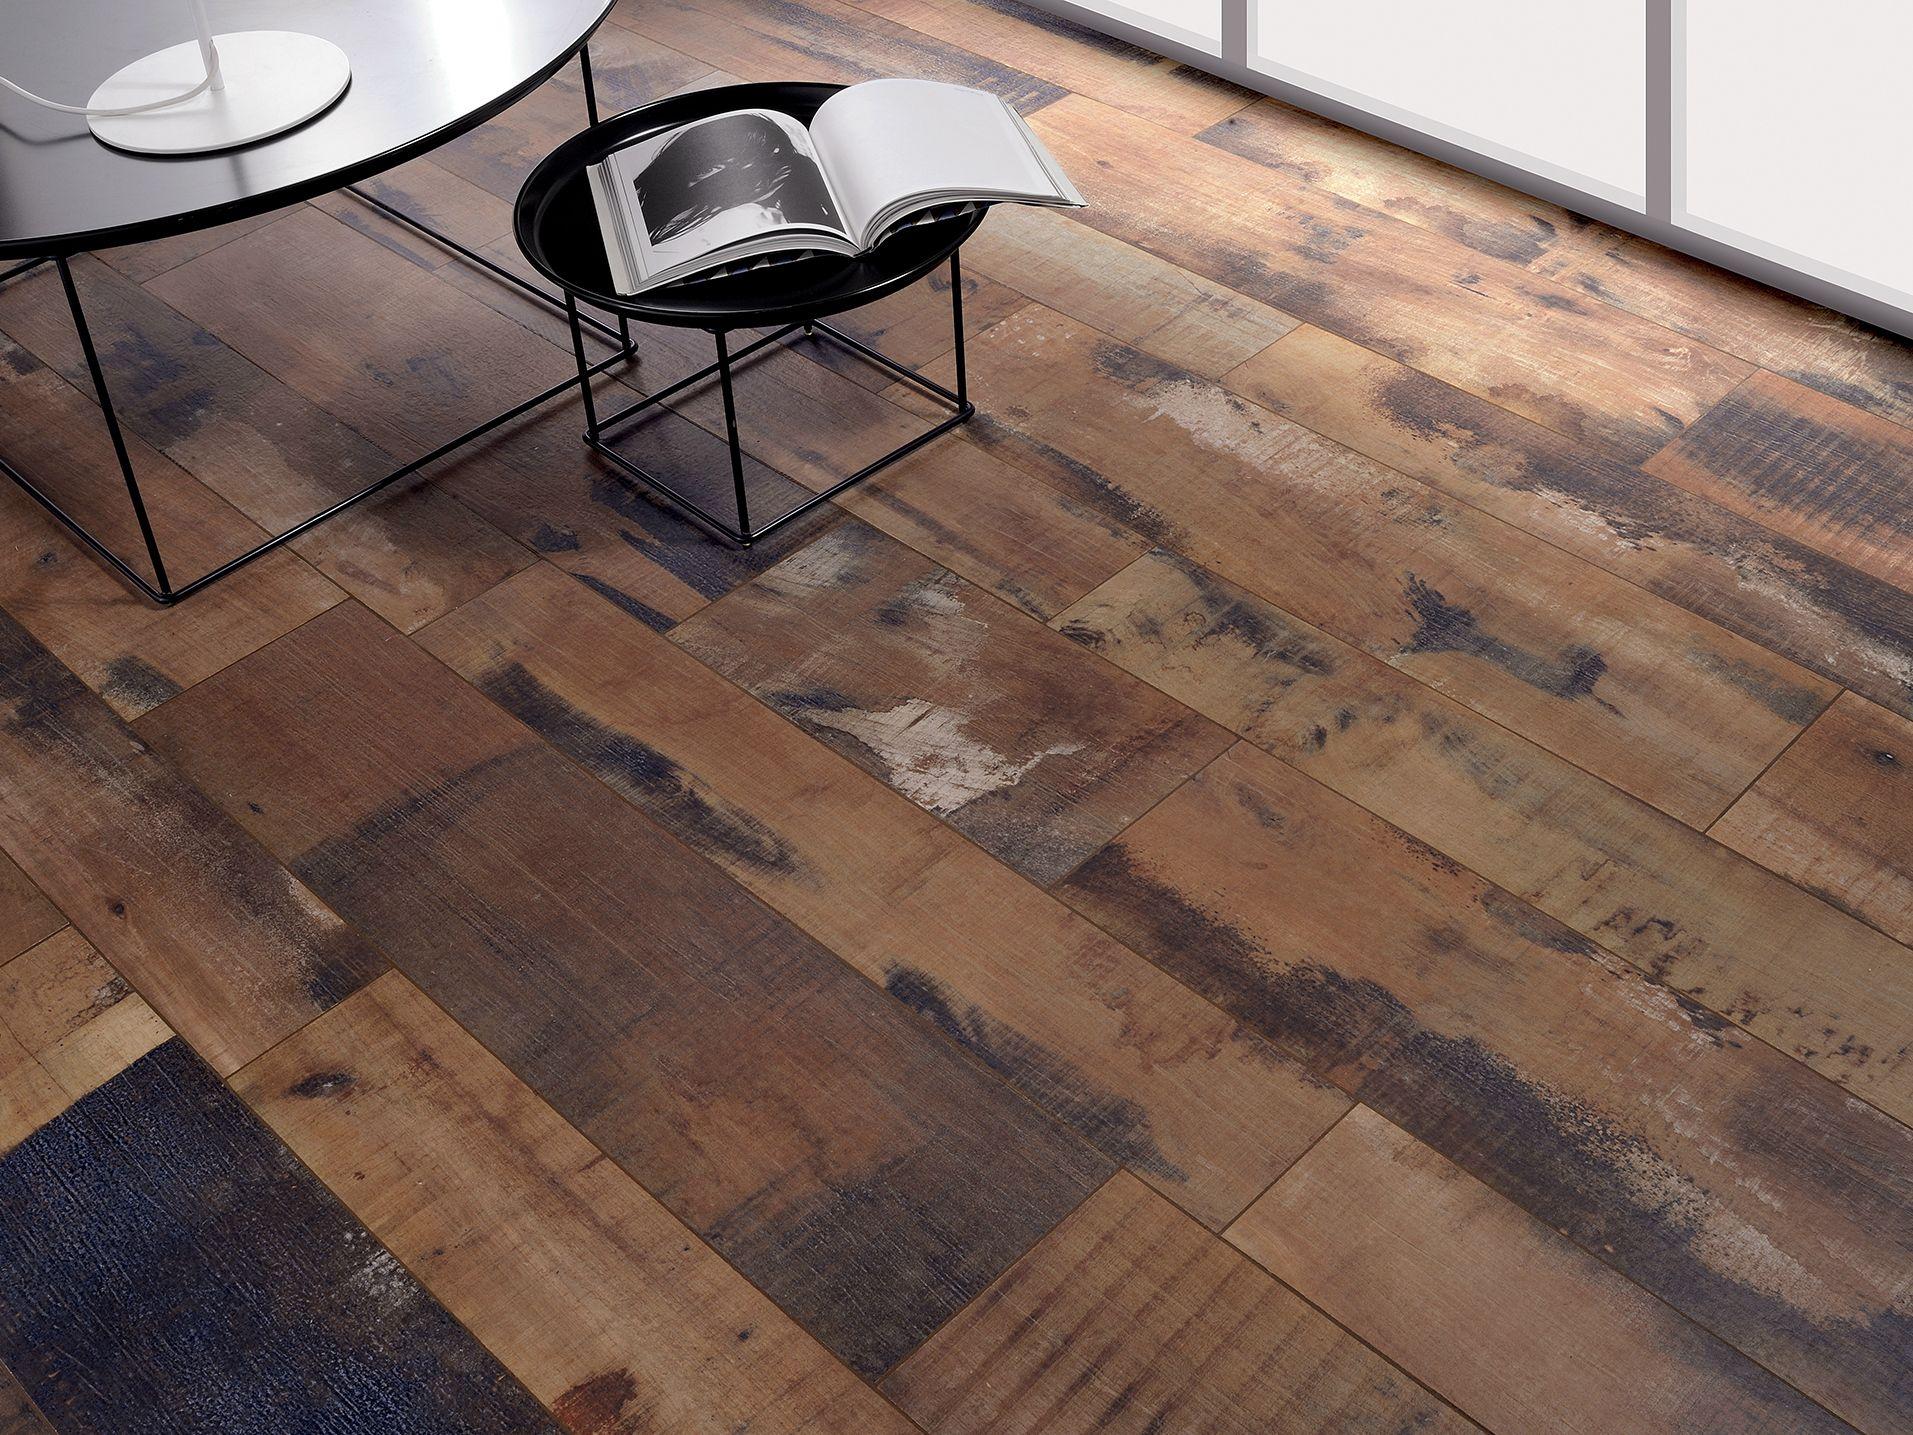 Pisos para ba os imitacion madera - Pavimentos ceramicos interiores ...